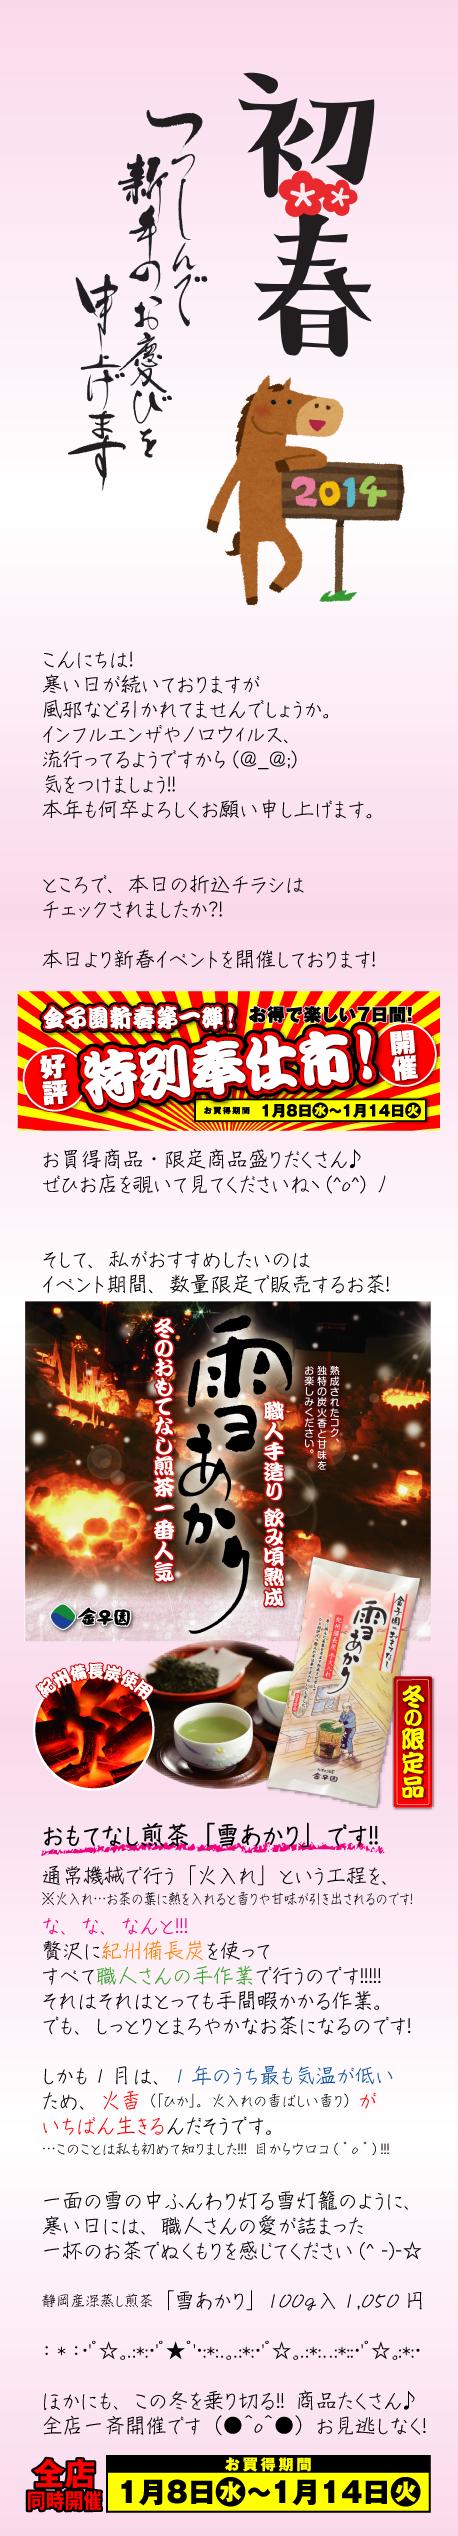 201401yukiakari